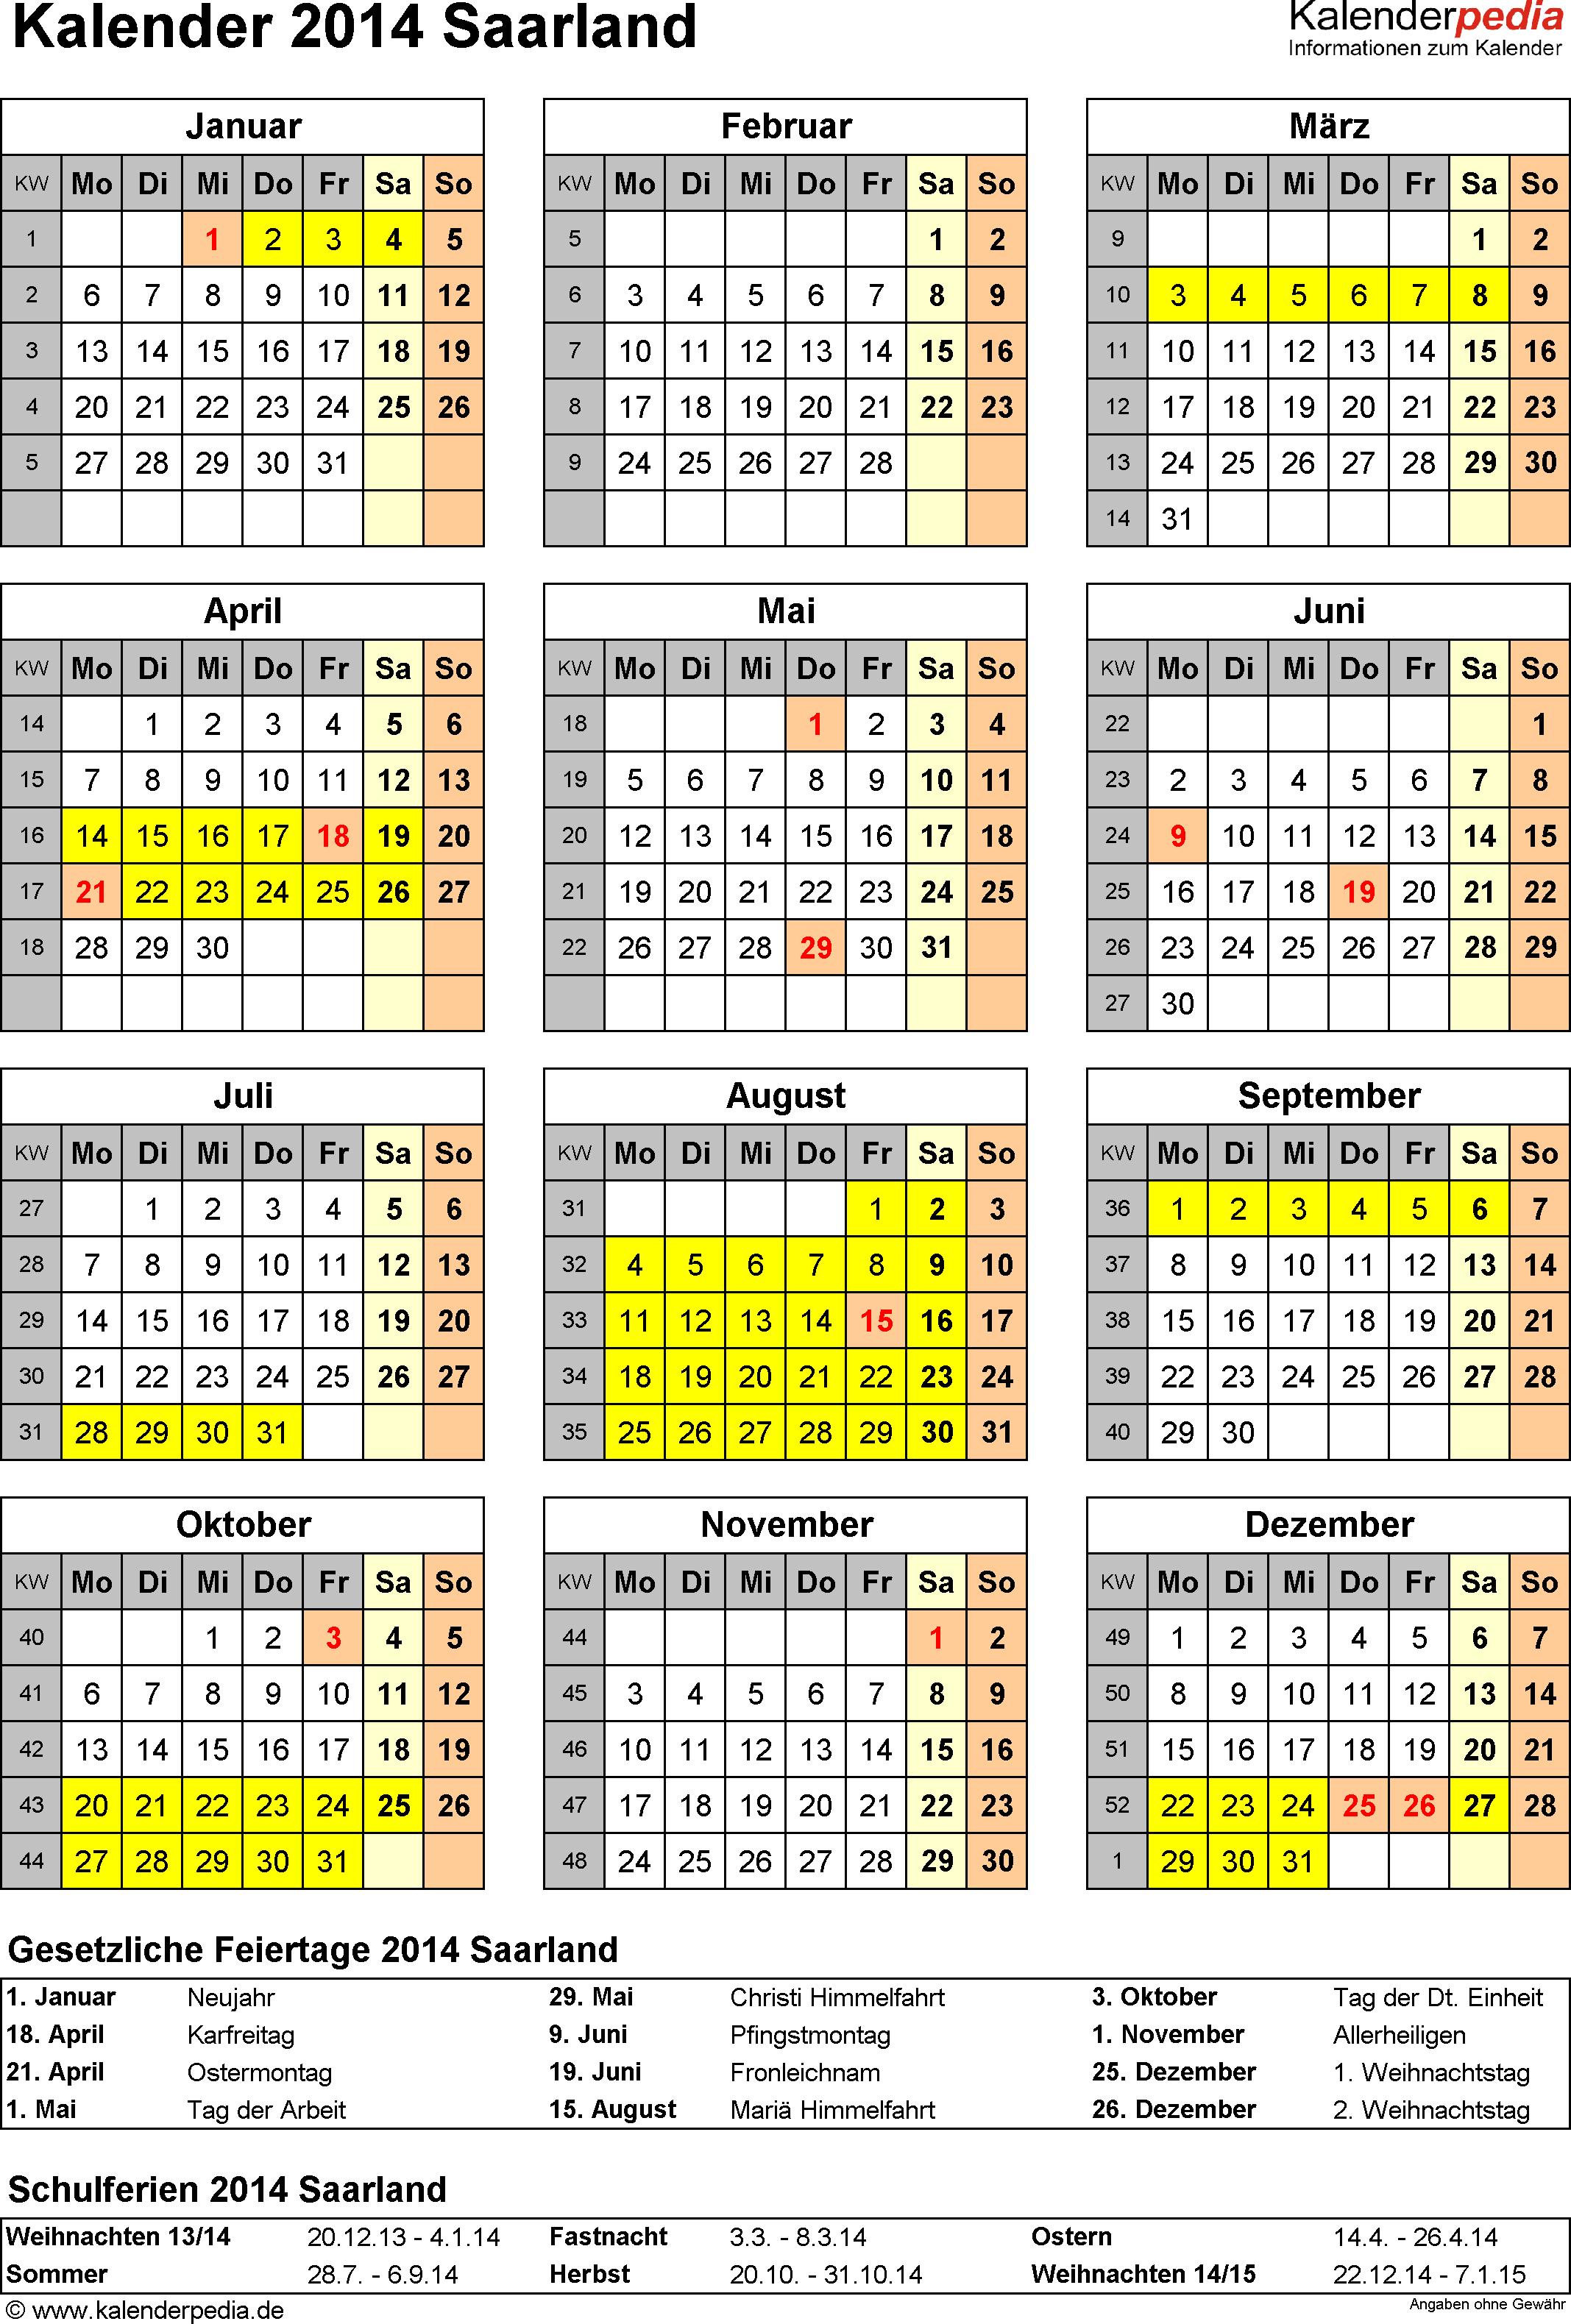 Vorlage 4: Kalender Saarland 2014 als Word-Vorlage (Hochformat)